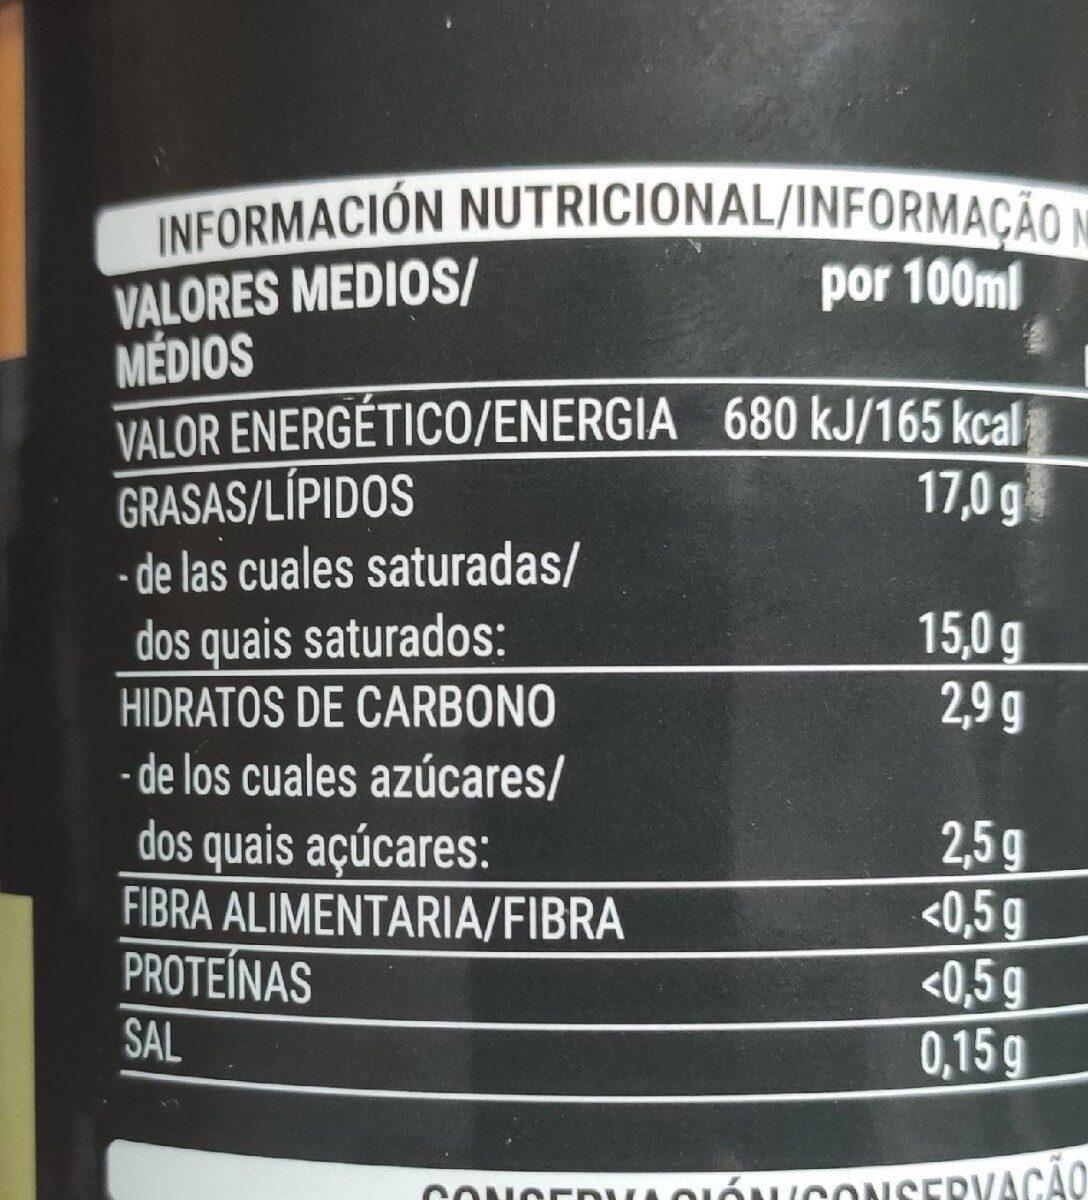 Leche de coco - Informations nutritionnelles - es